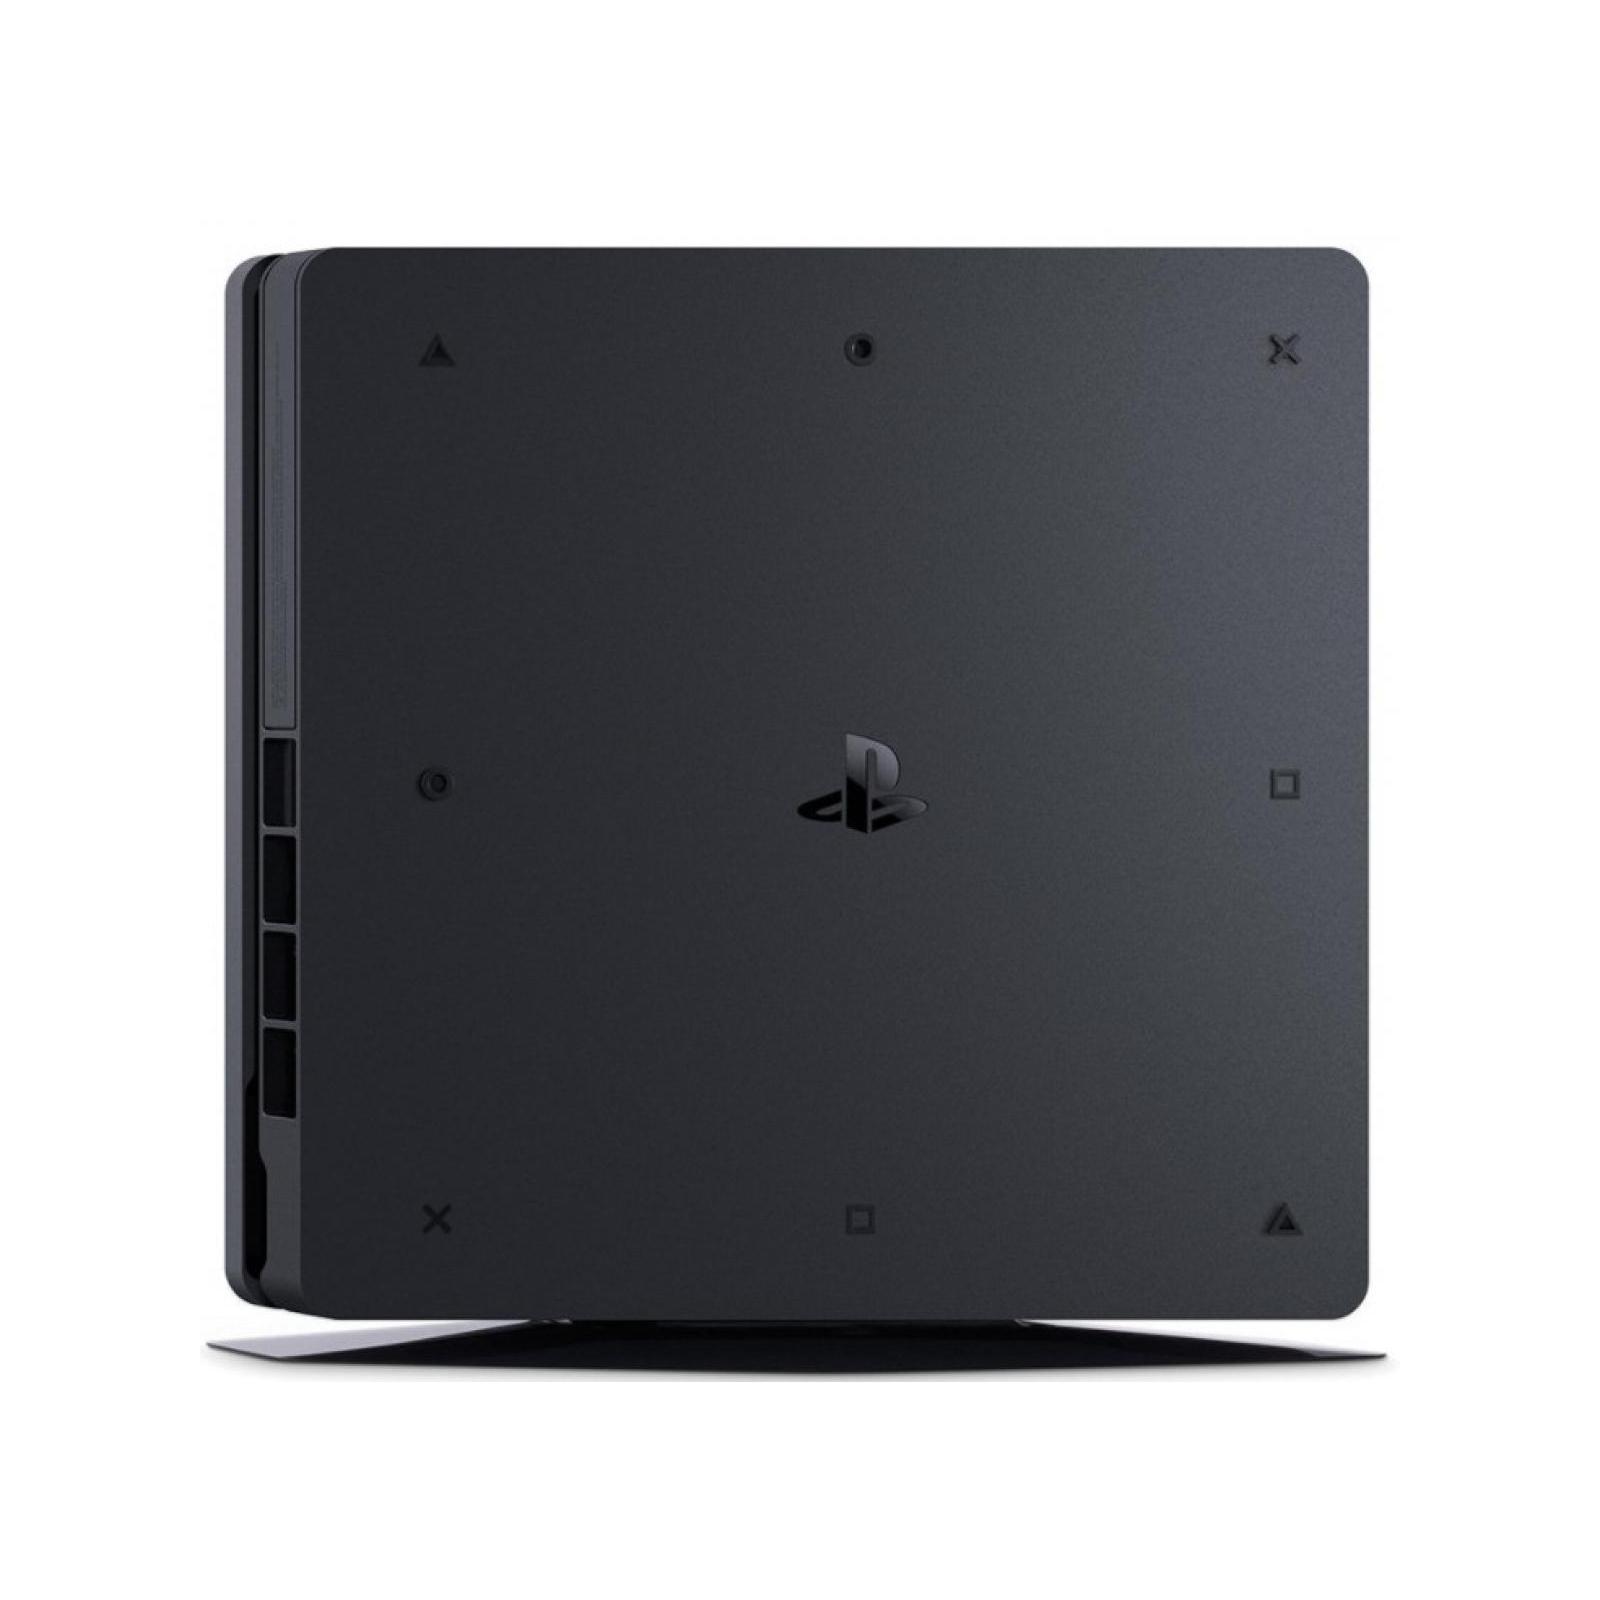 Игровая консоль SONY PlayStation 4 Slim 500 Gb Black (HZD+GTS+UC4+Wargaming+PSPl) (9395270*) изображение 3